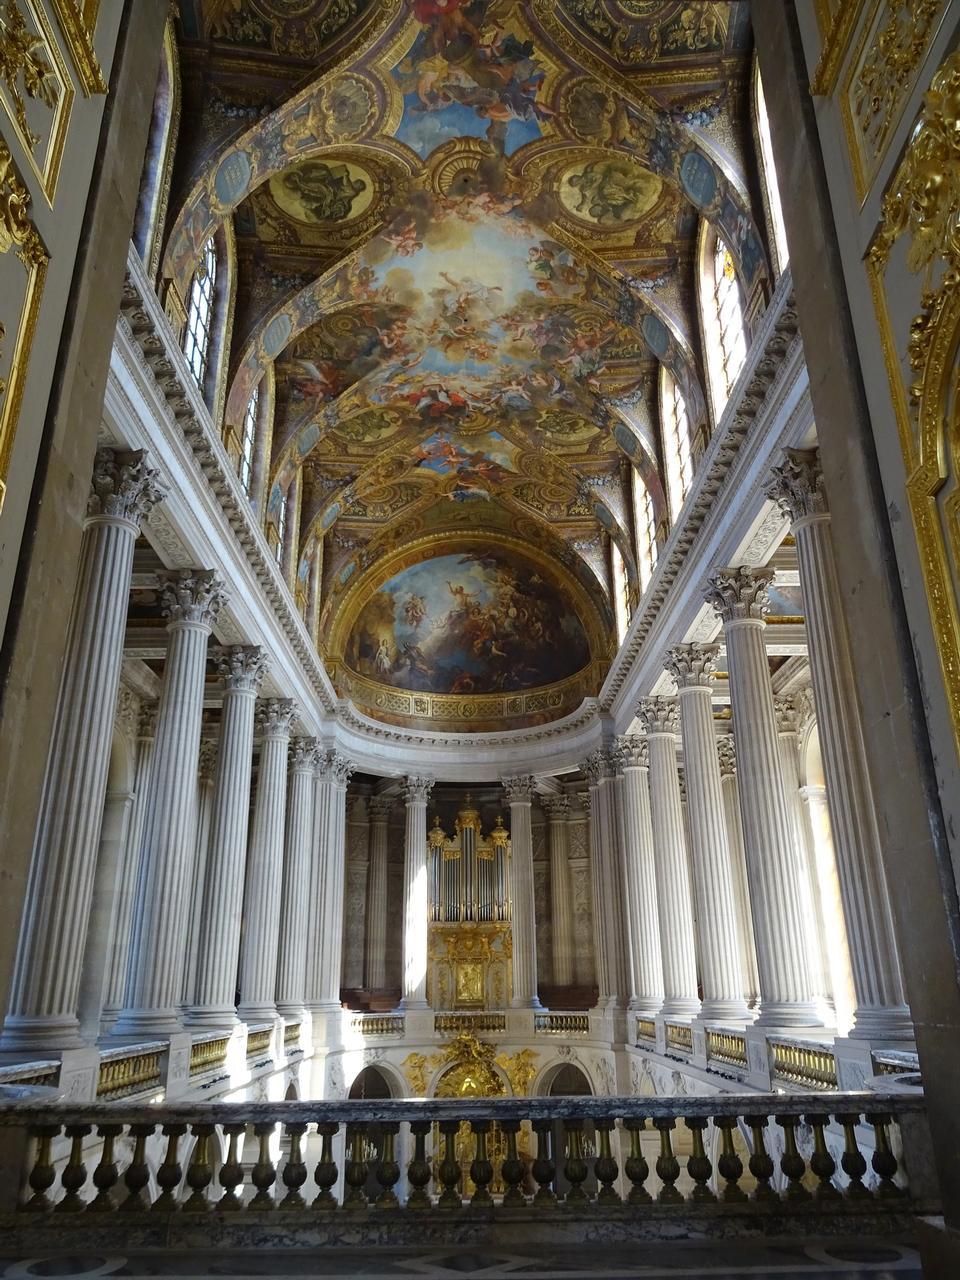 ミラーのベルサイユパリフランス宮殿ホール